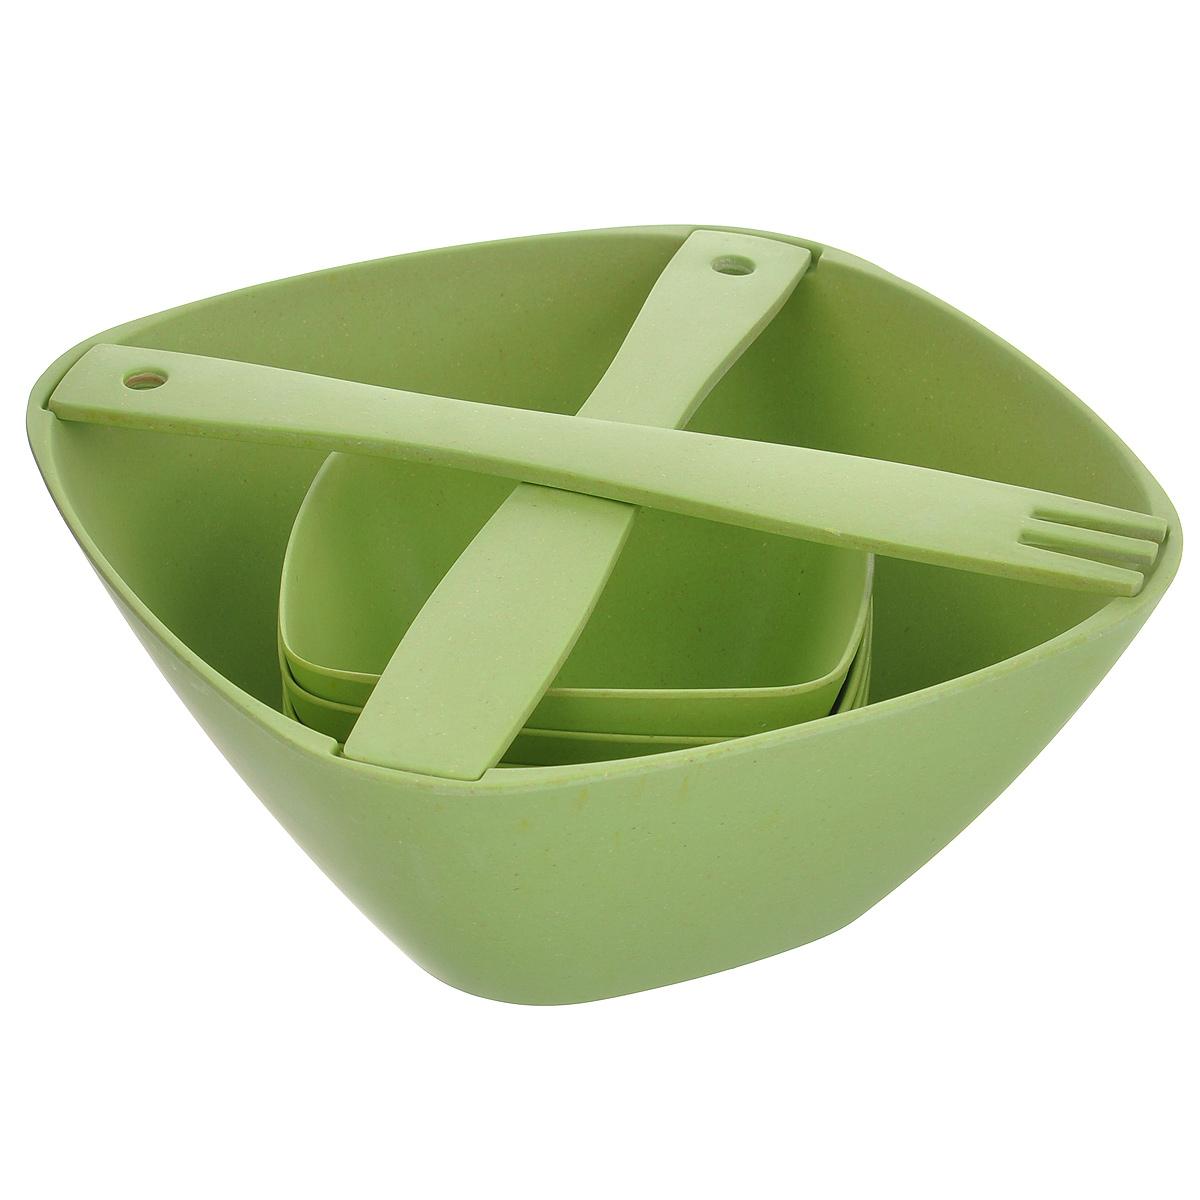 Набор для салата, салатница+4 салатника+лопаткиHK50341BF(S/7)Набор состоит из одного большого и четырех маленьких салатников, ложки-лопатки и вилки. Все предметы набора изготовлены из натурального бамбука. Такой набор будет отлично смотреться на вашей кухне и порадует своей функциональностью.